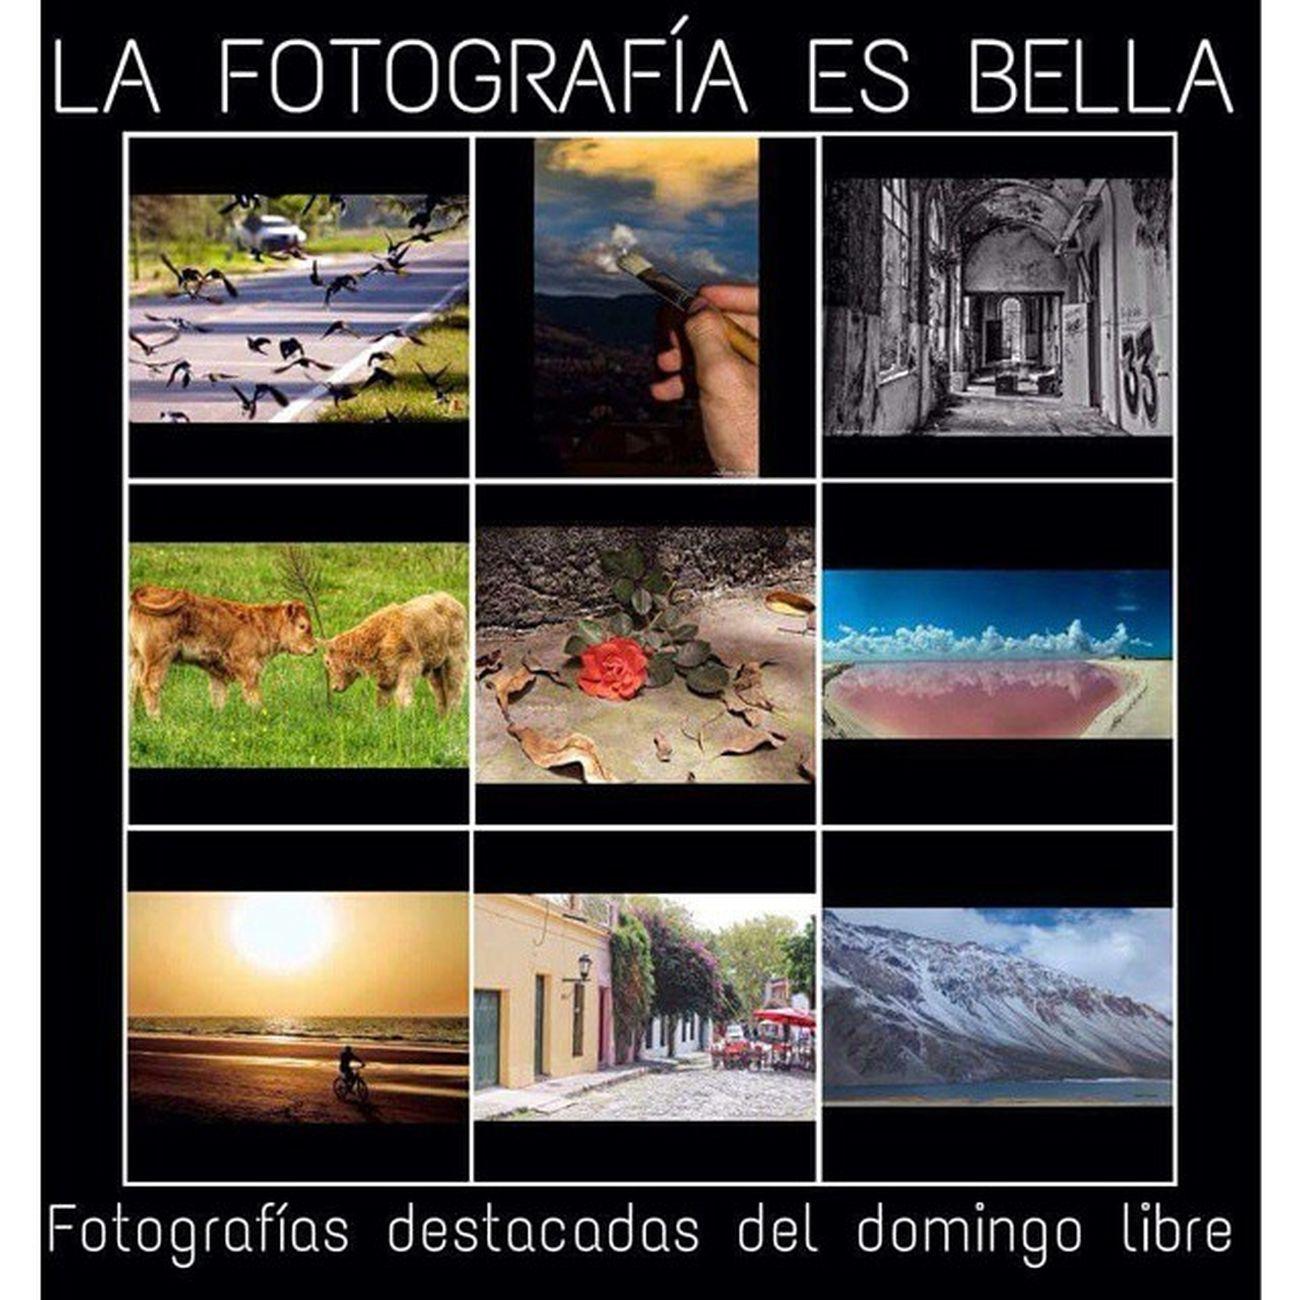 Squareinstapic 5dmarkll Canon CanonMexicana Rocafotografia Yúcatan Mimexico Mochileromx  Mexico HechoenMéxico Mimexico Luz Cámara Coloradas Premio